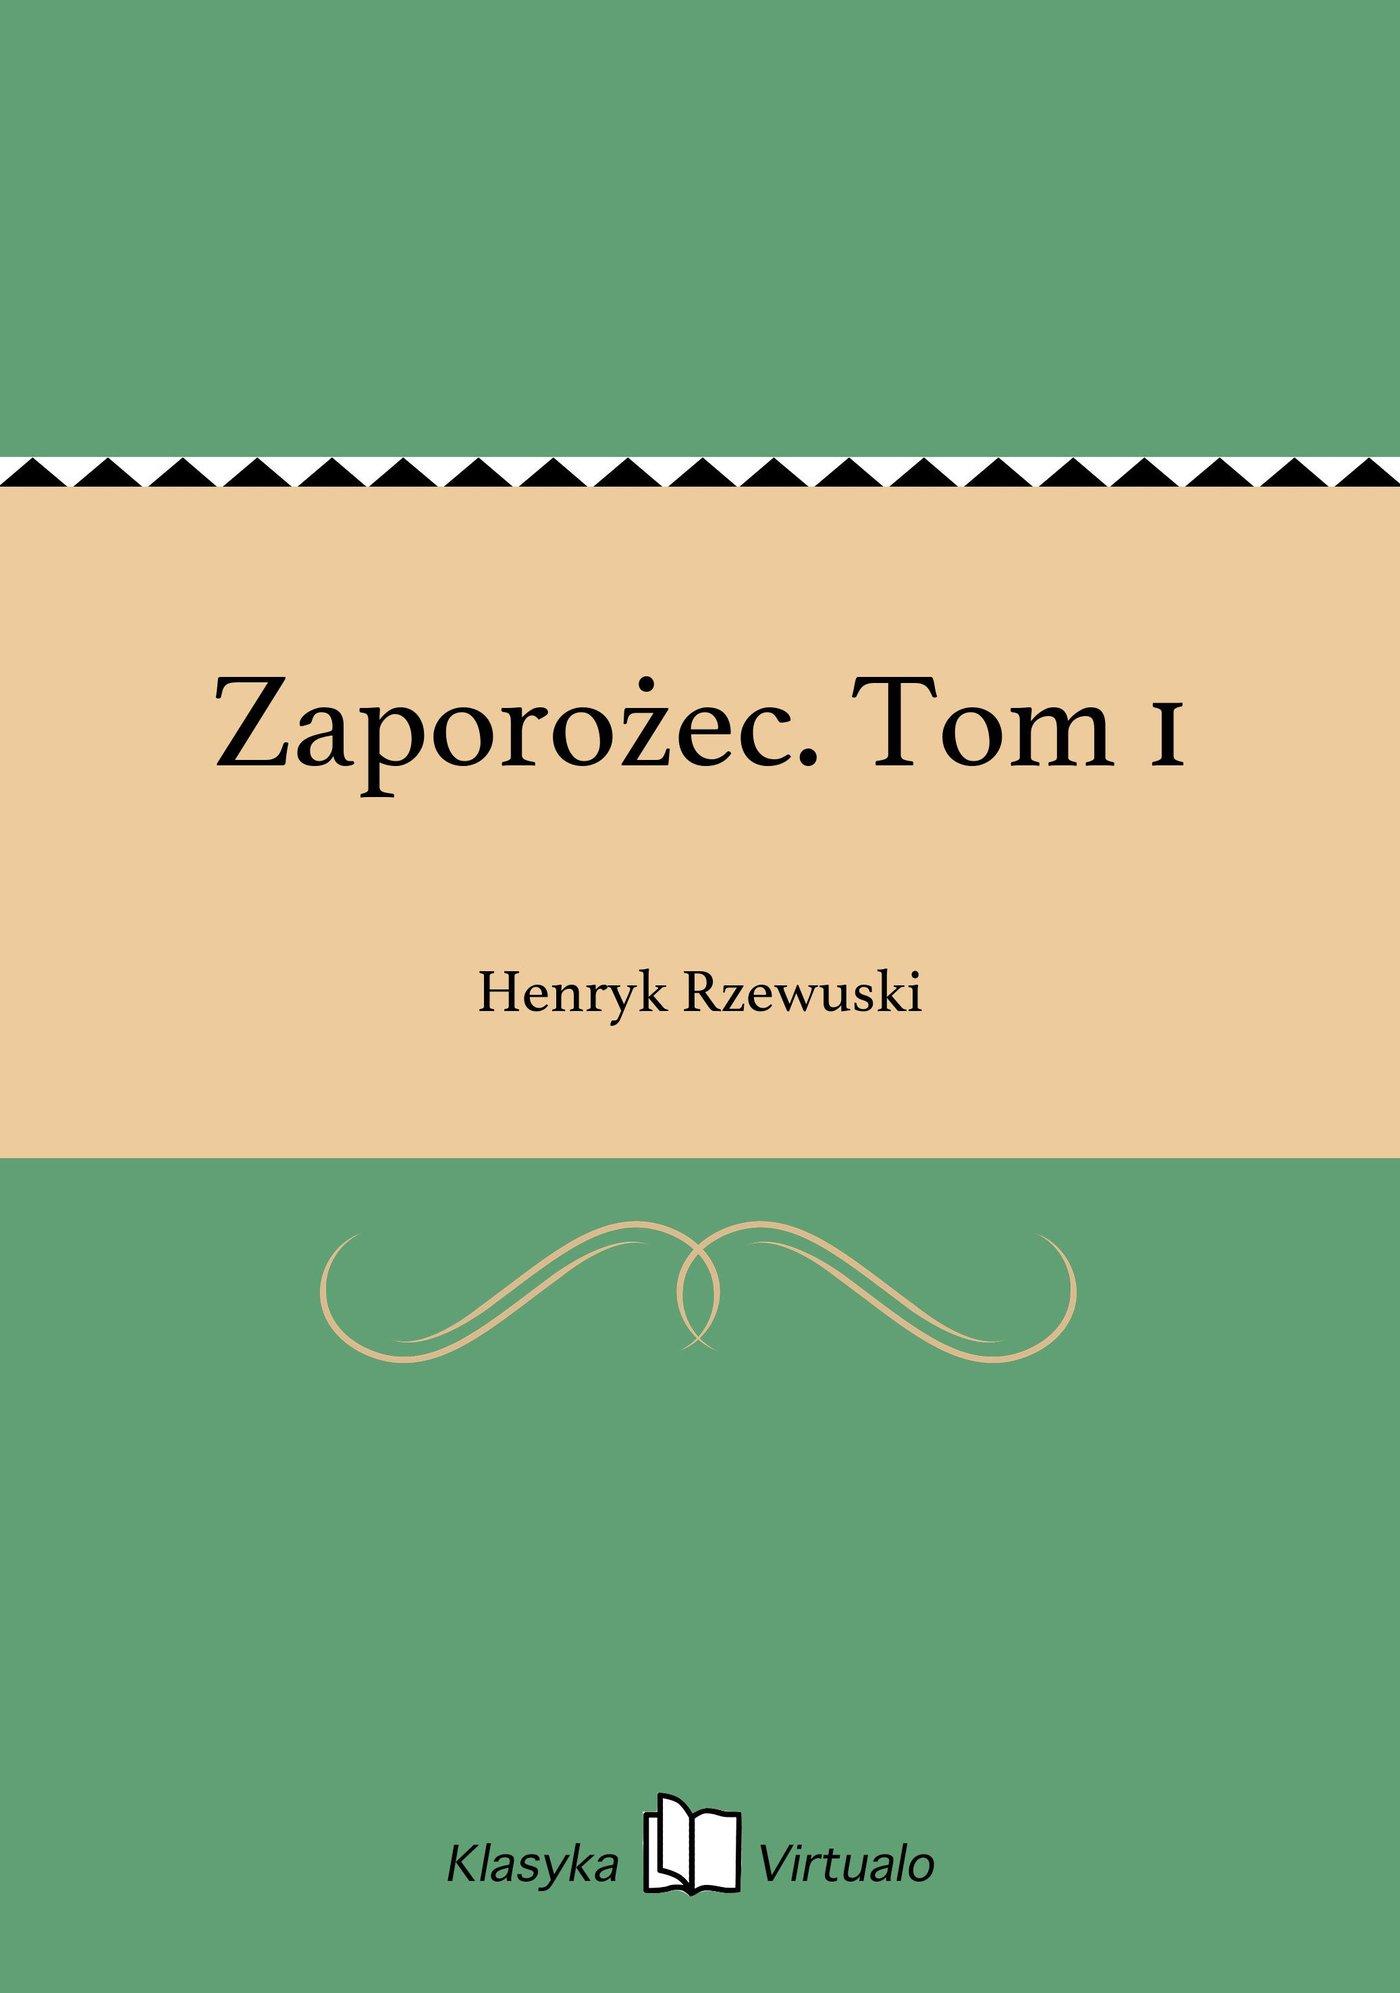 Zaporożec. Tom 1 - Ebook (Książka na Kindle) do pobrania w formacie MOBI